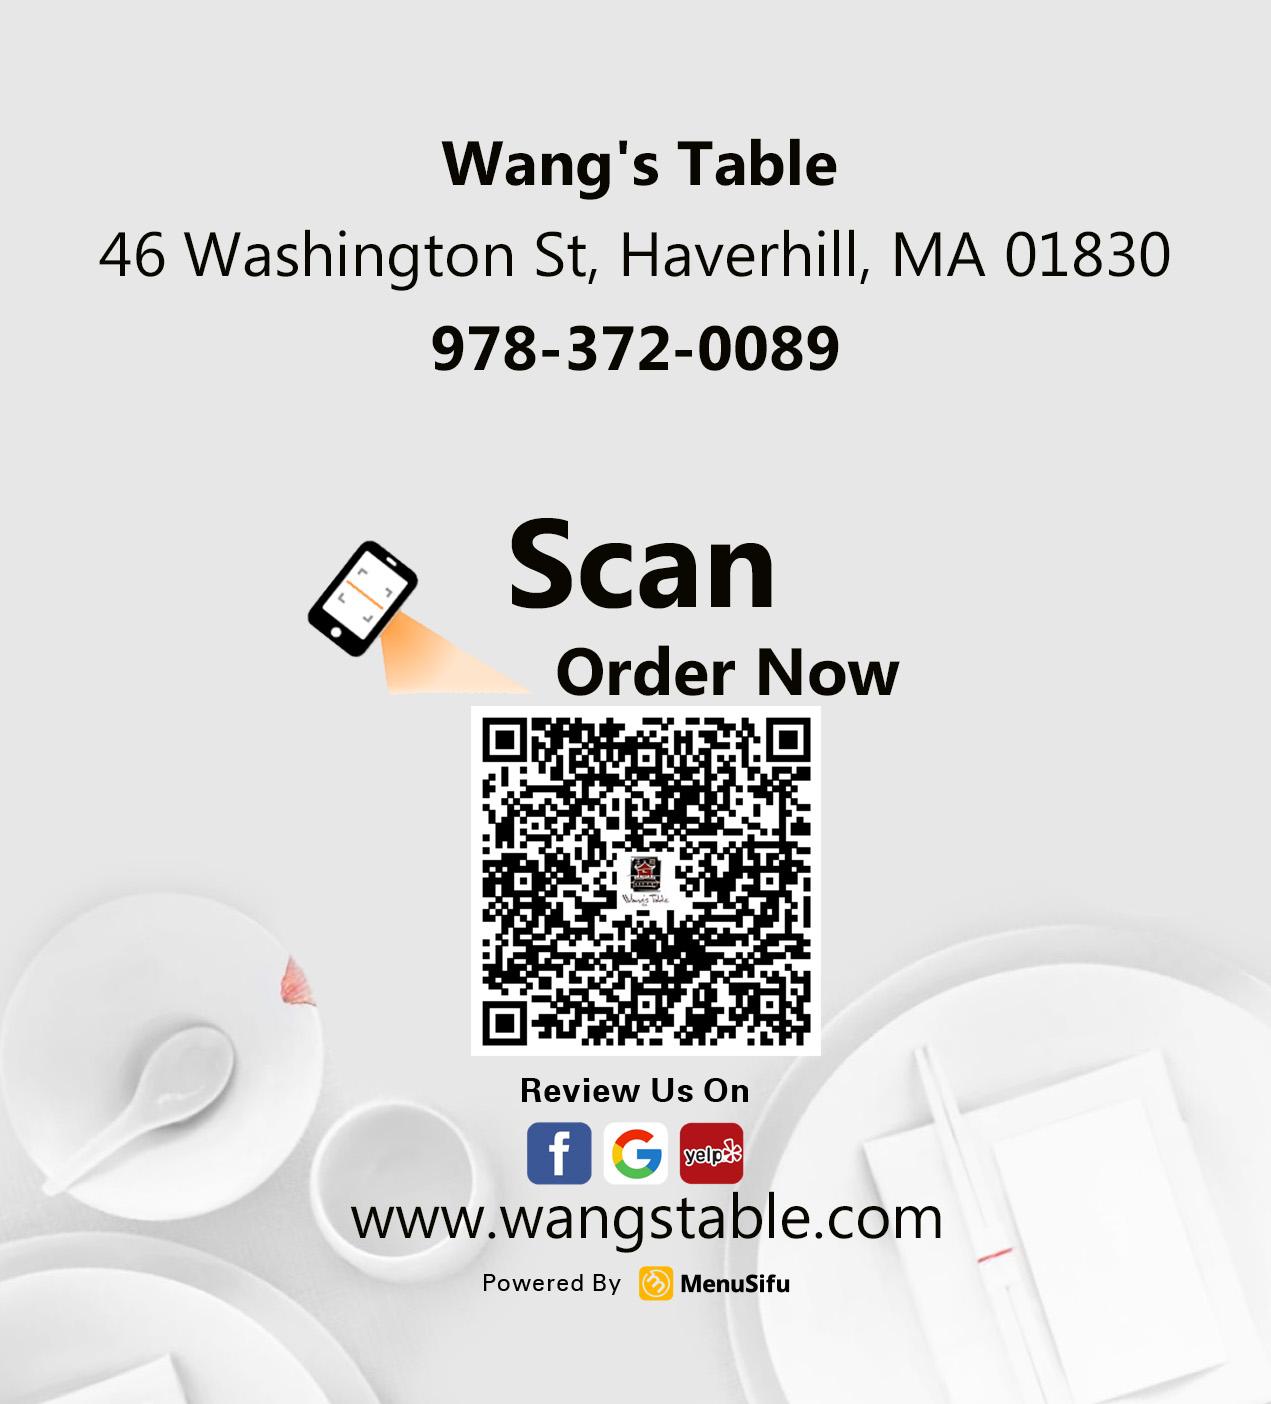 https://order.mealkeyway.com/merchant/67684d50486f6f49423071467045687a4332306657513d3d/main